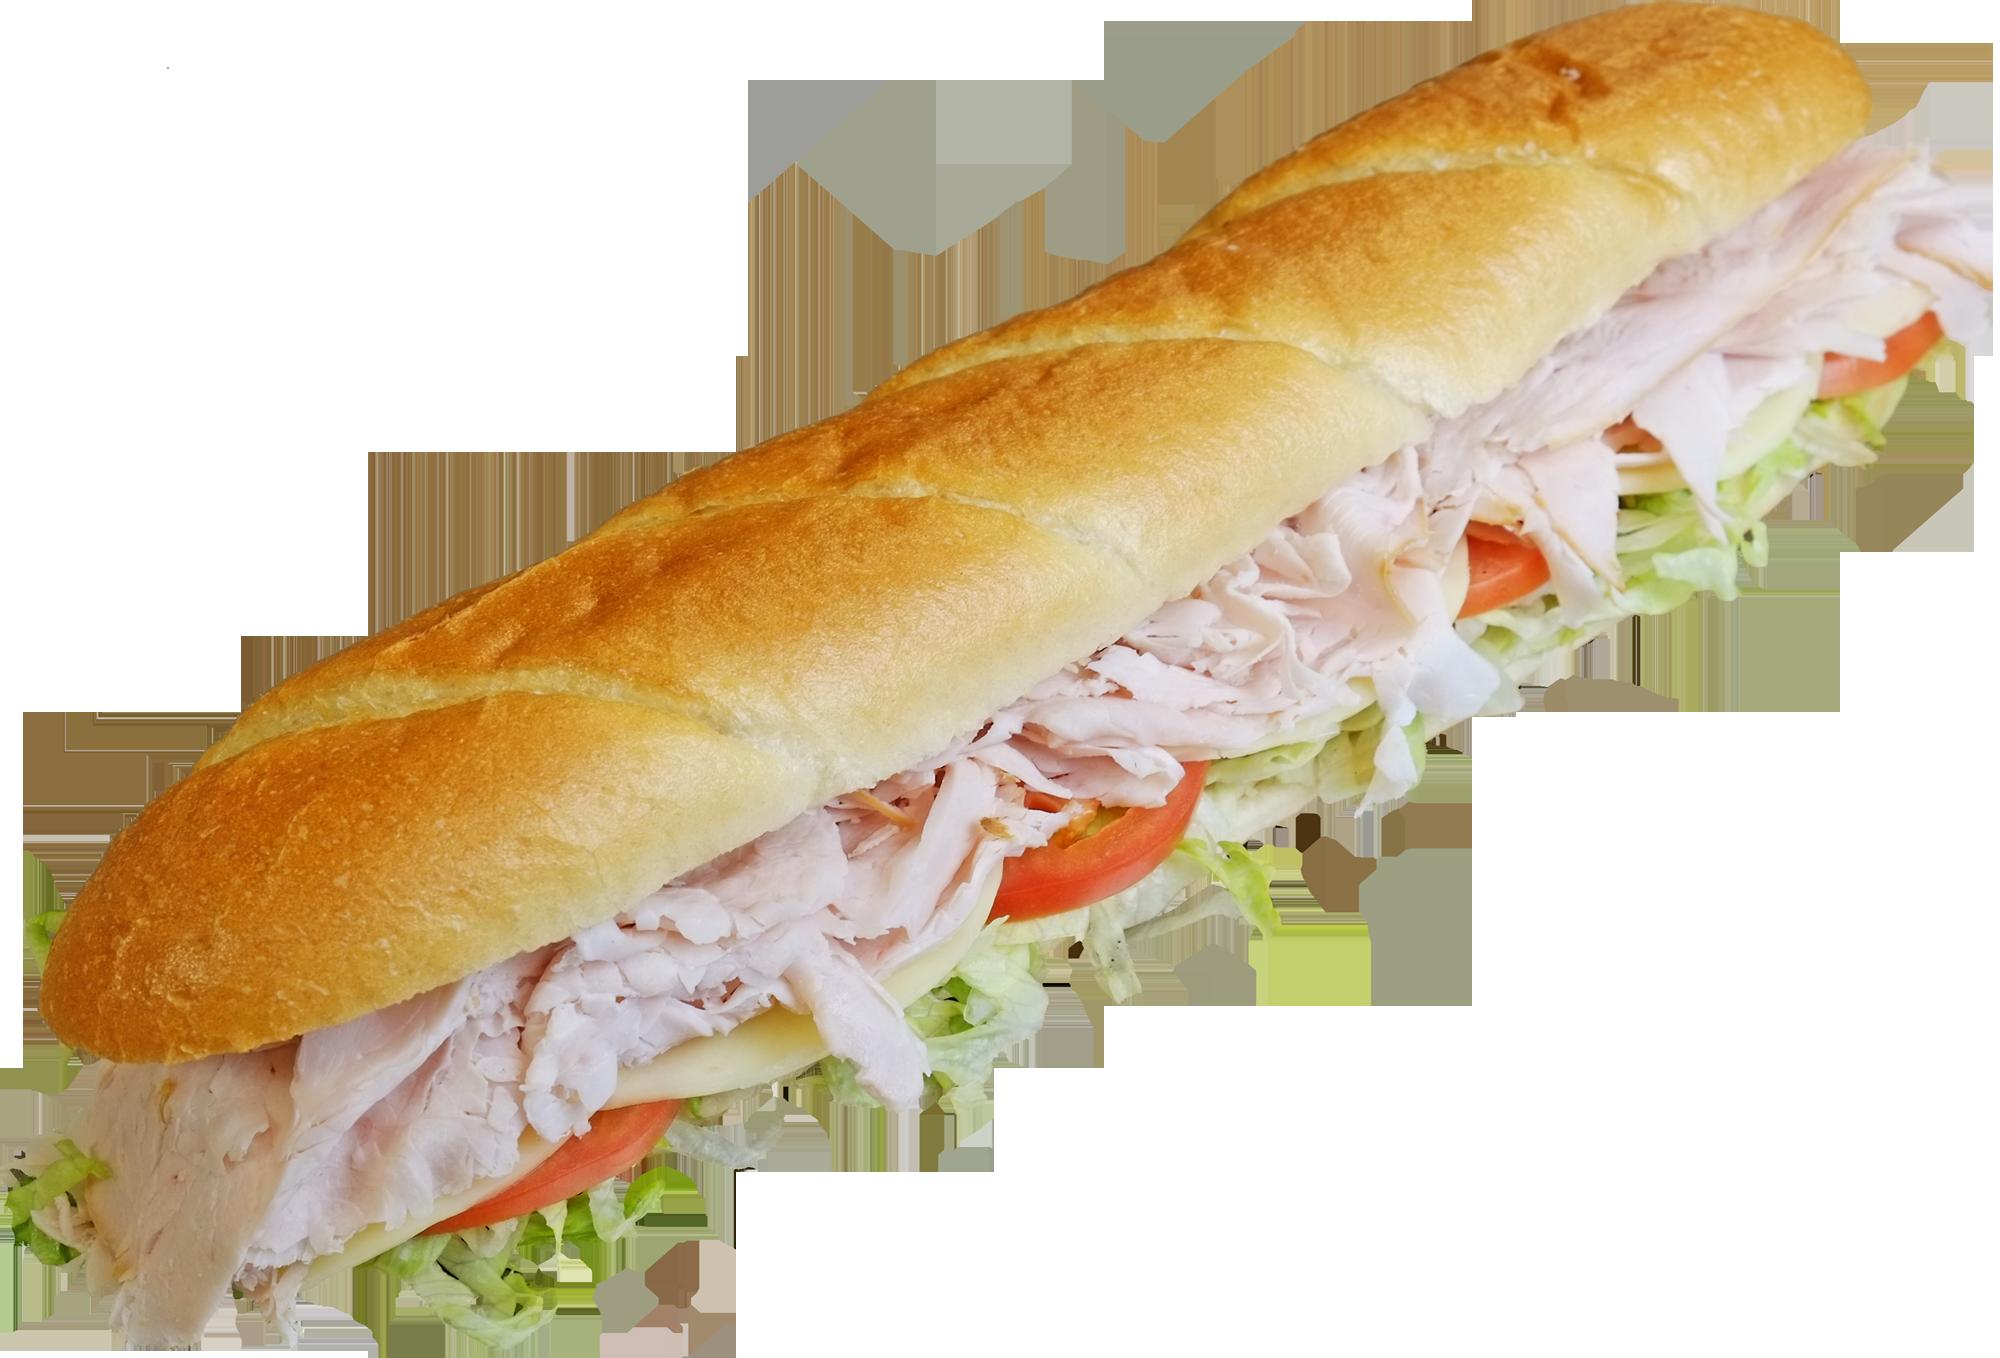 12 Inch Turkey Sub